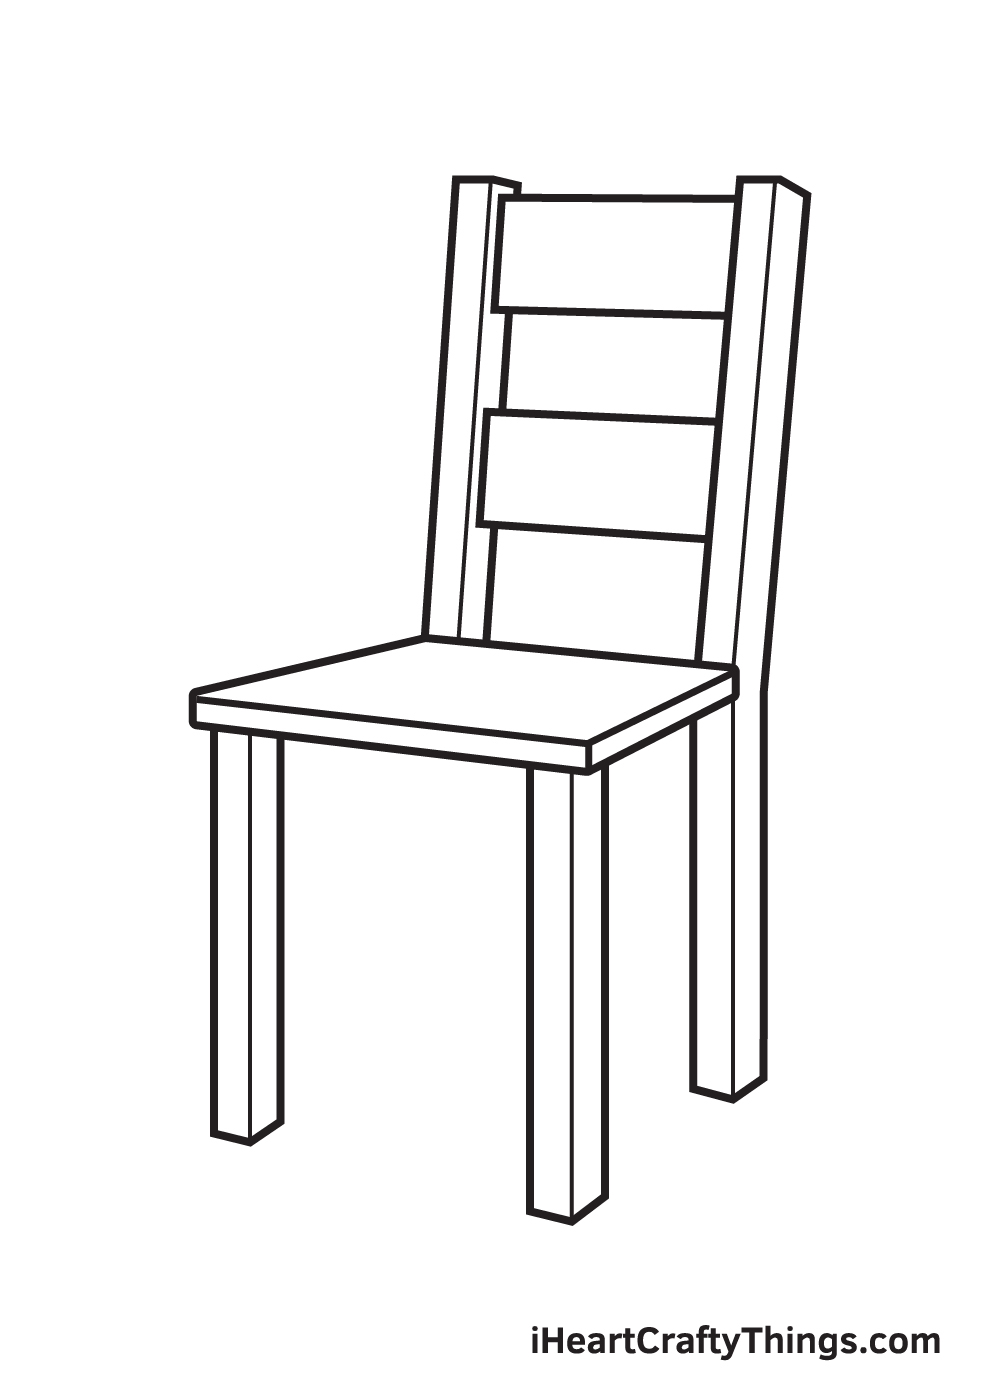 Vẽ ghế - Bước 6